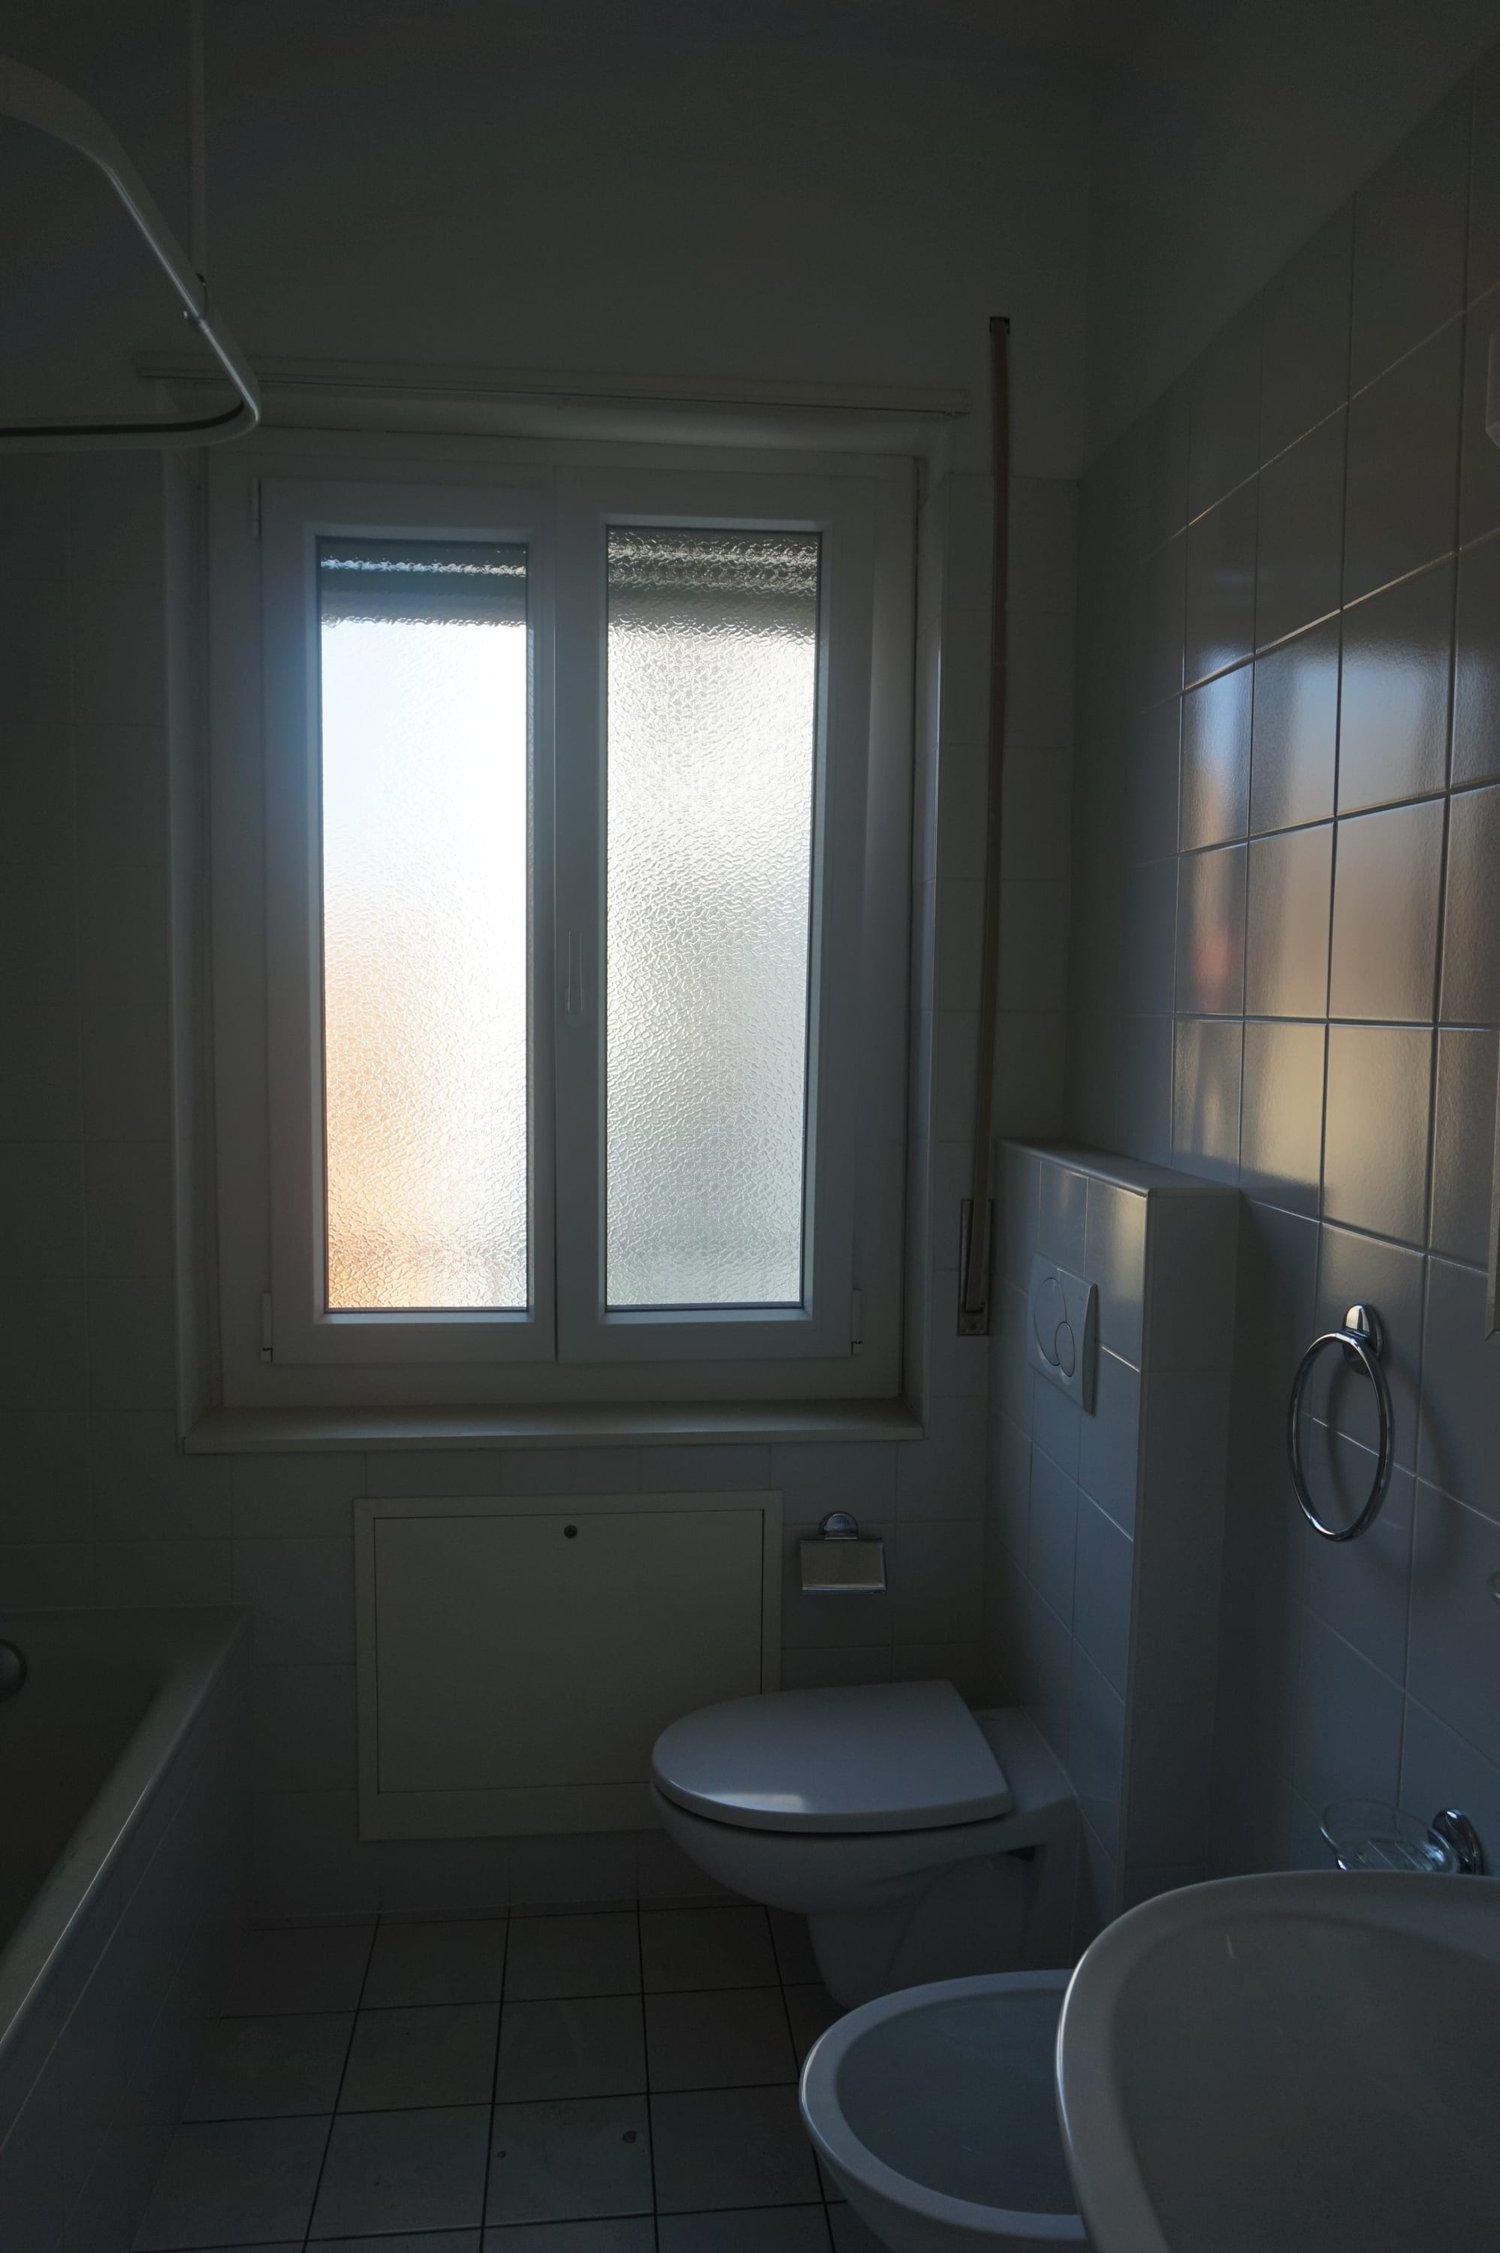 via Lavizzari 11A